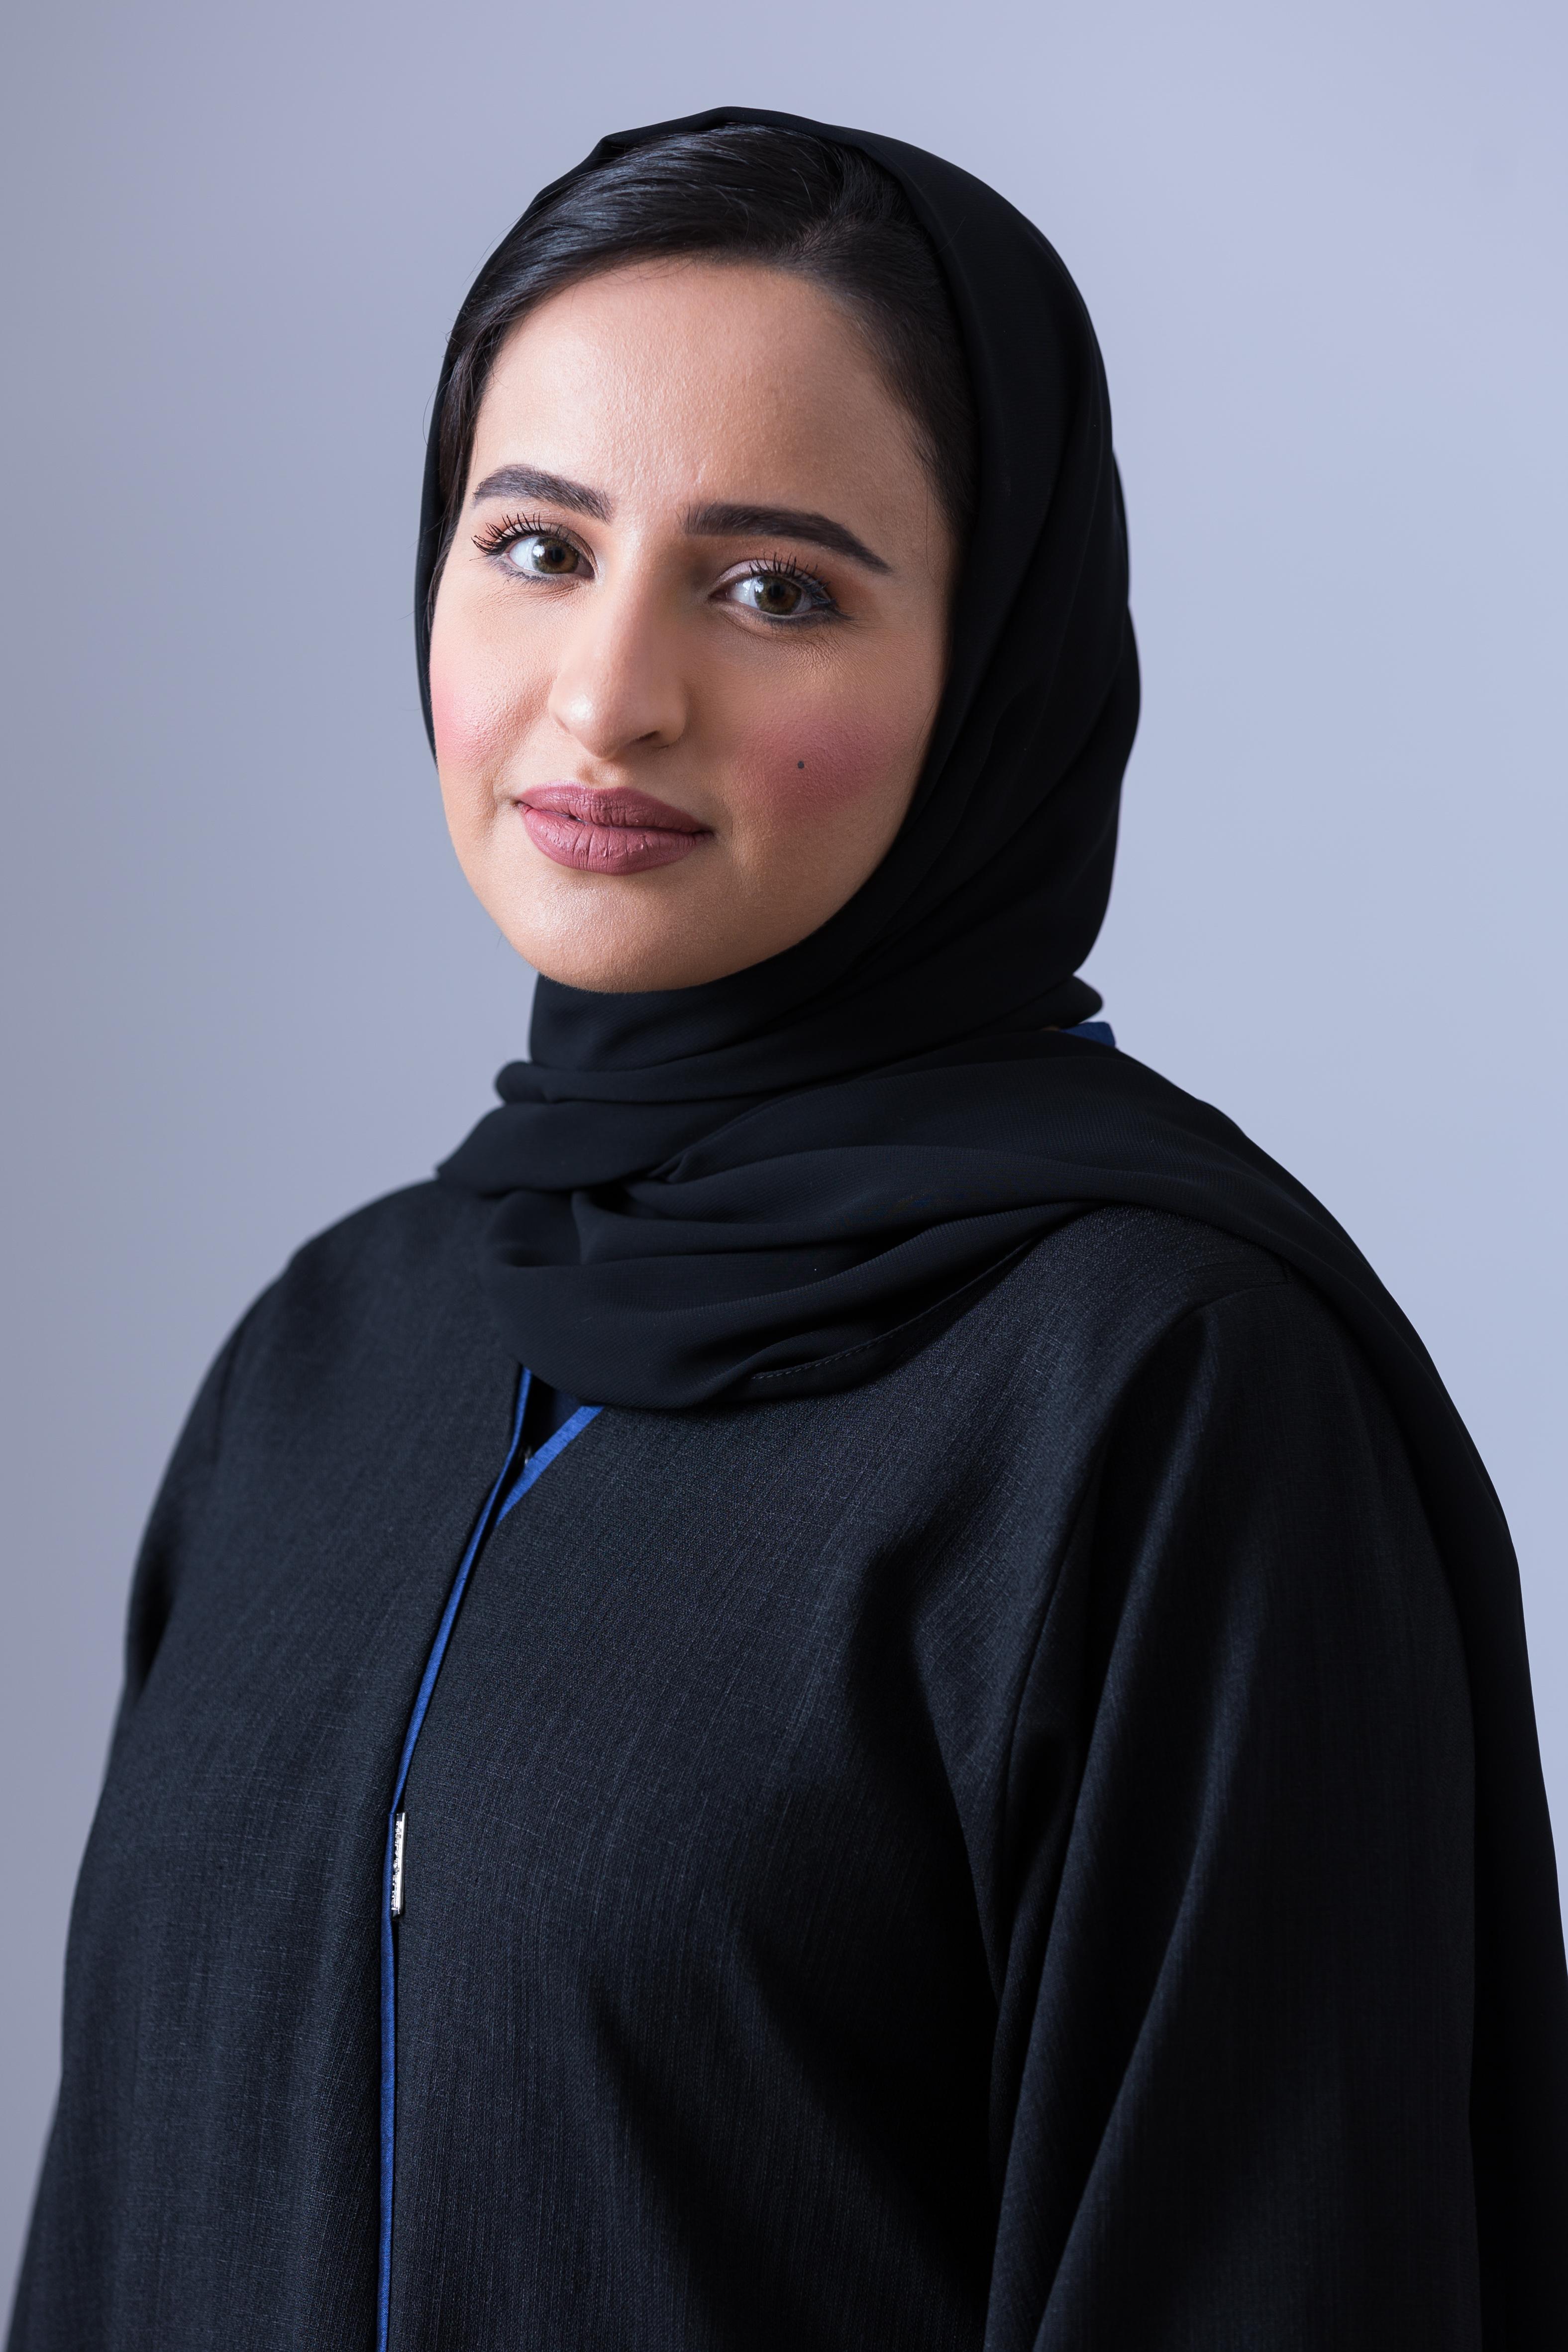 Maha Al Mezaina